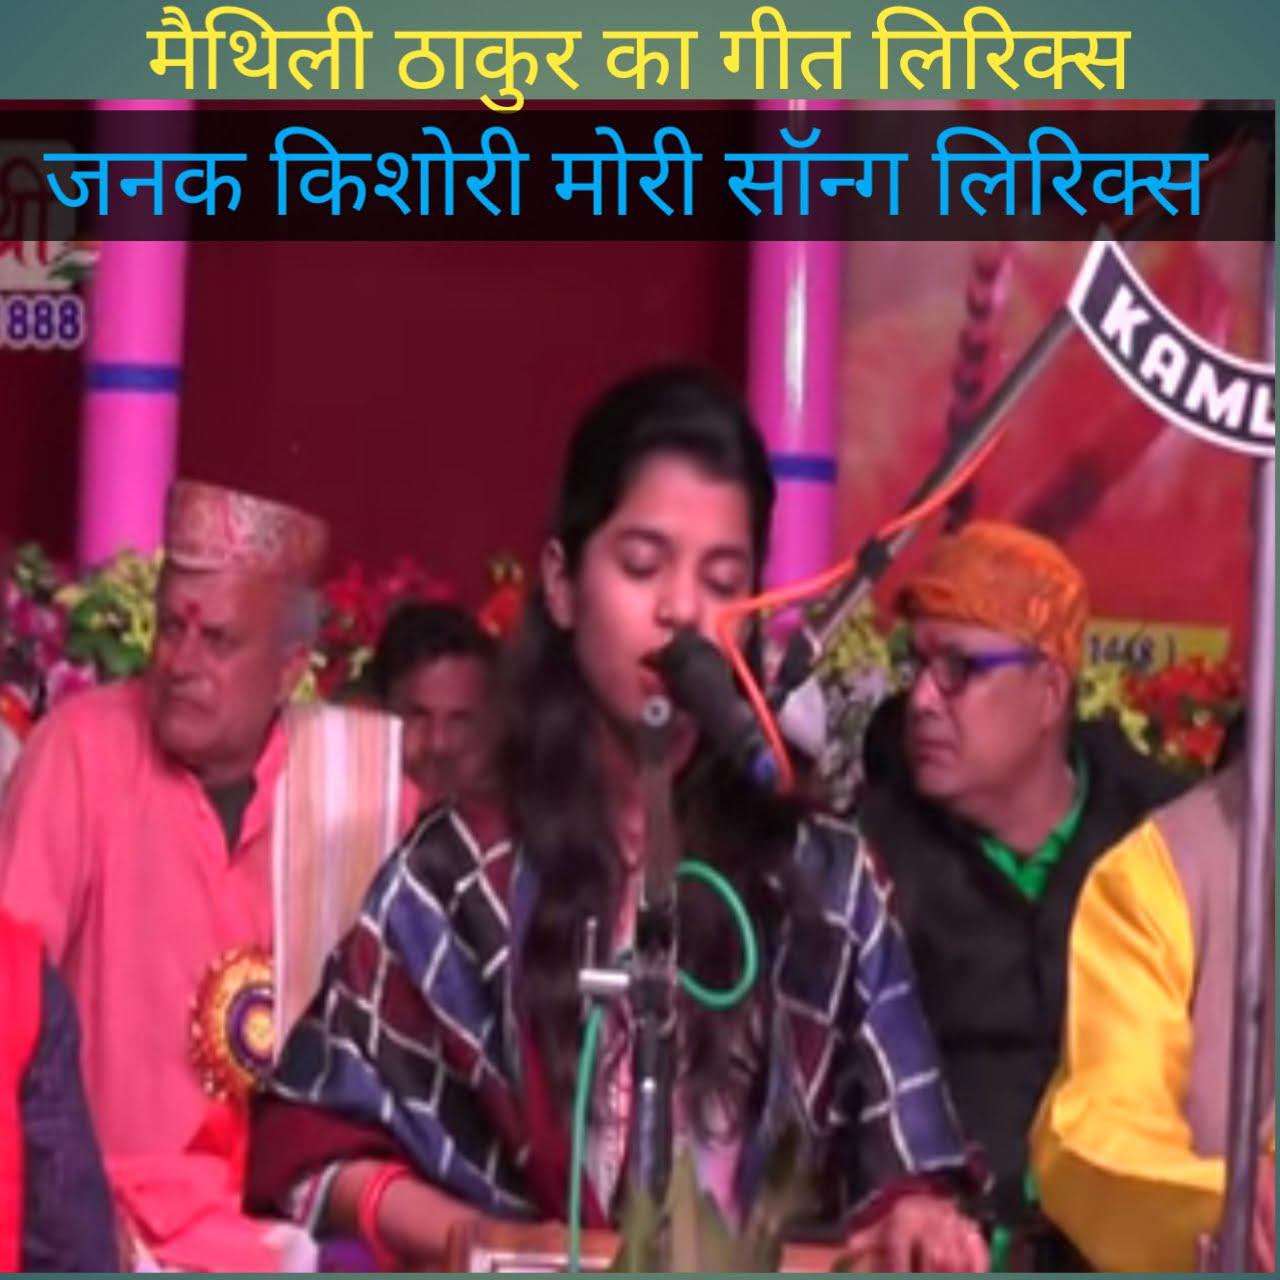 जनक किशोरी मोरी मैथिली ठाकुर सॉन्ग लिरिक्स